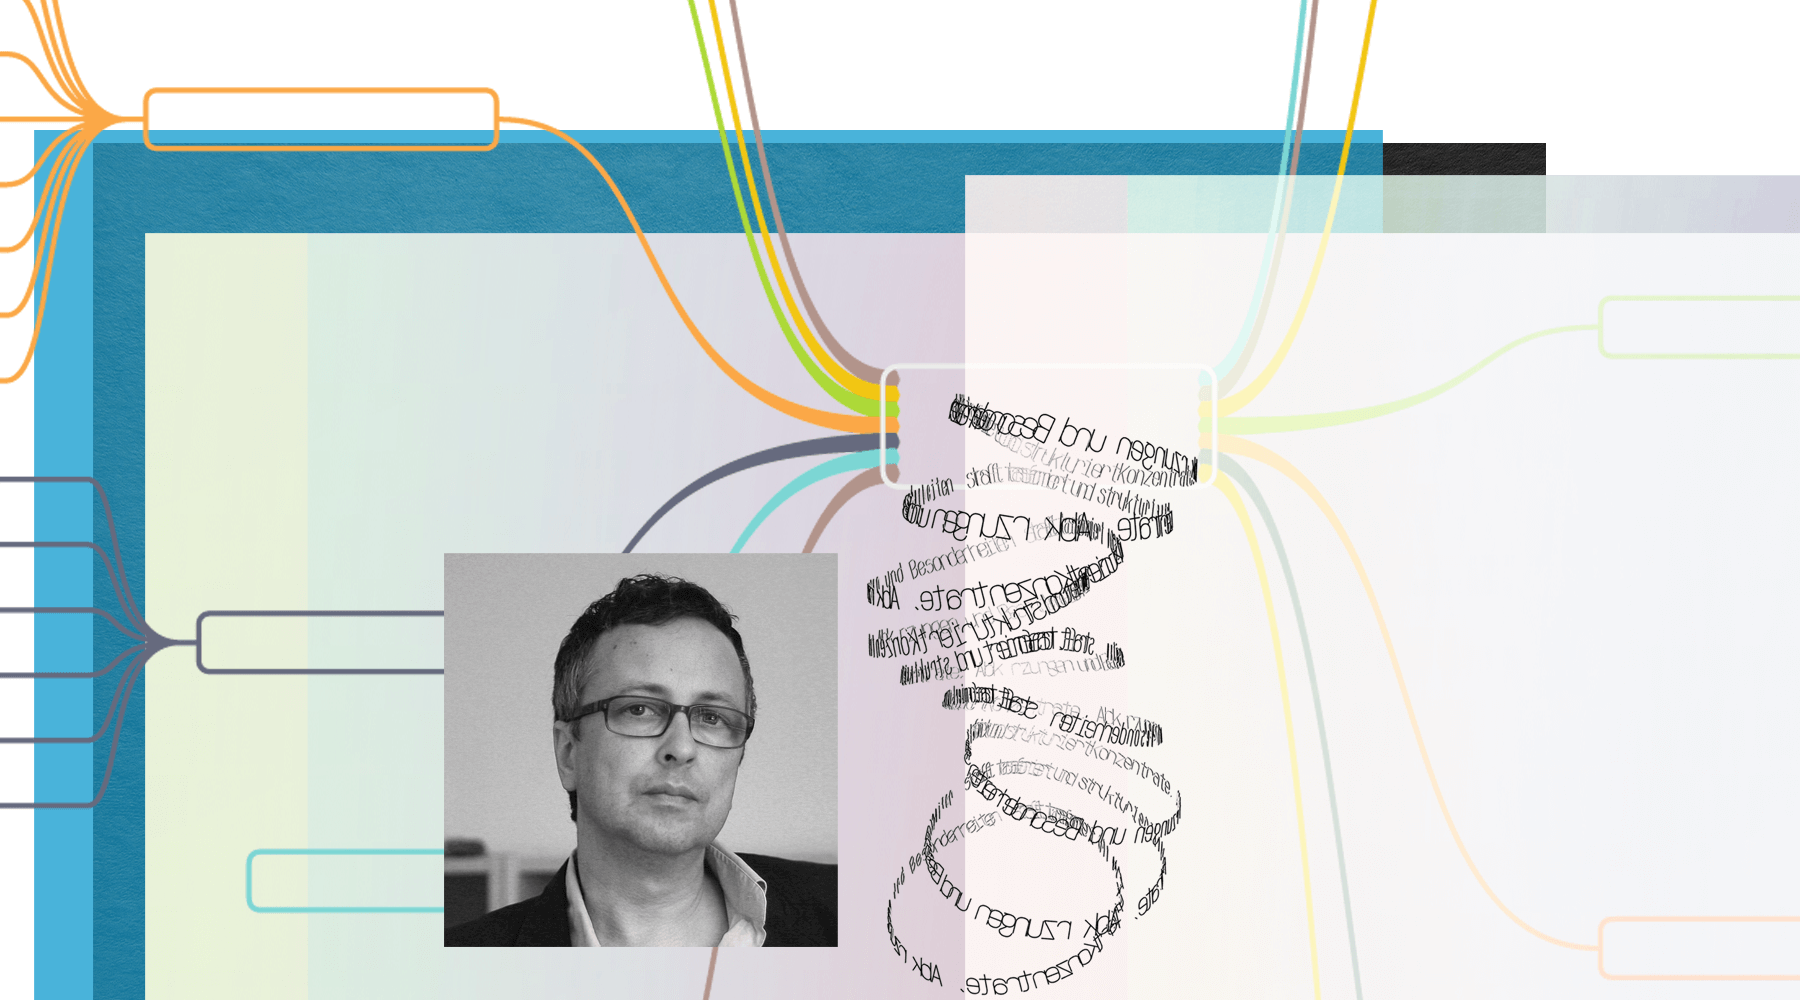 Fotografie von Matthias Ring, Mitinhaber der IconScreen GmbH; die Fotografie ist calloagiert mit mit Textelementen, Auszügen einer SiteMap und farbigen Flächen.